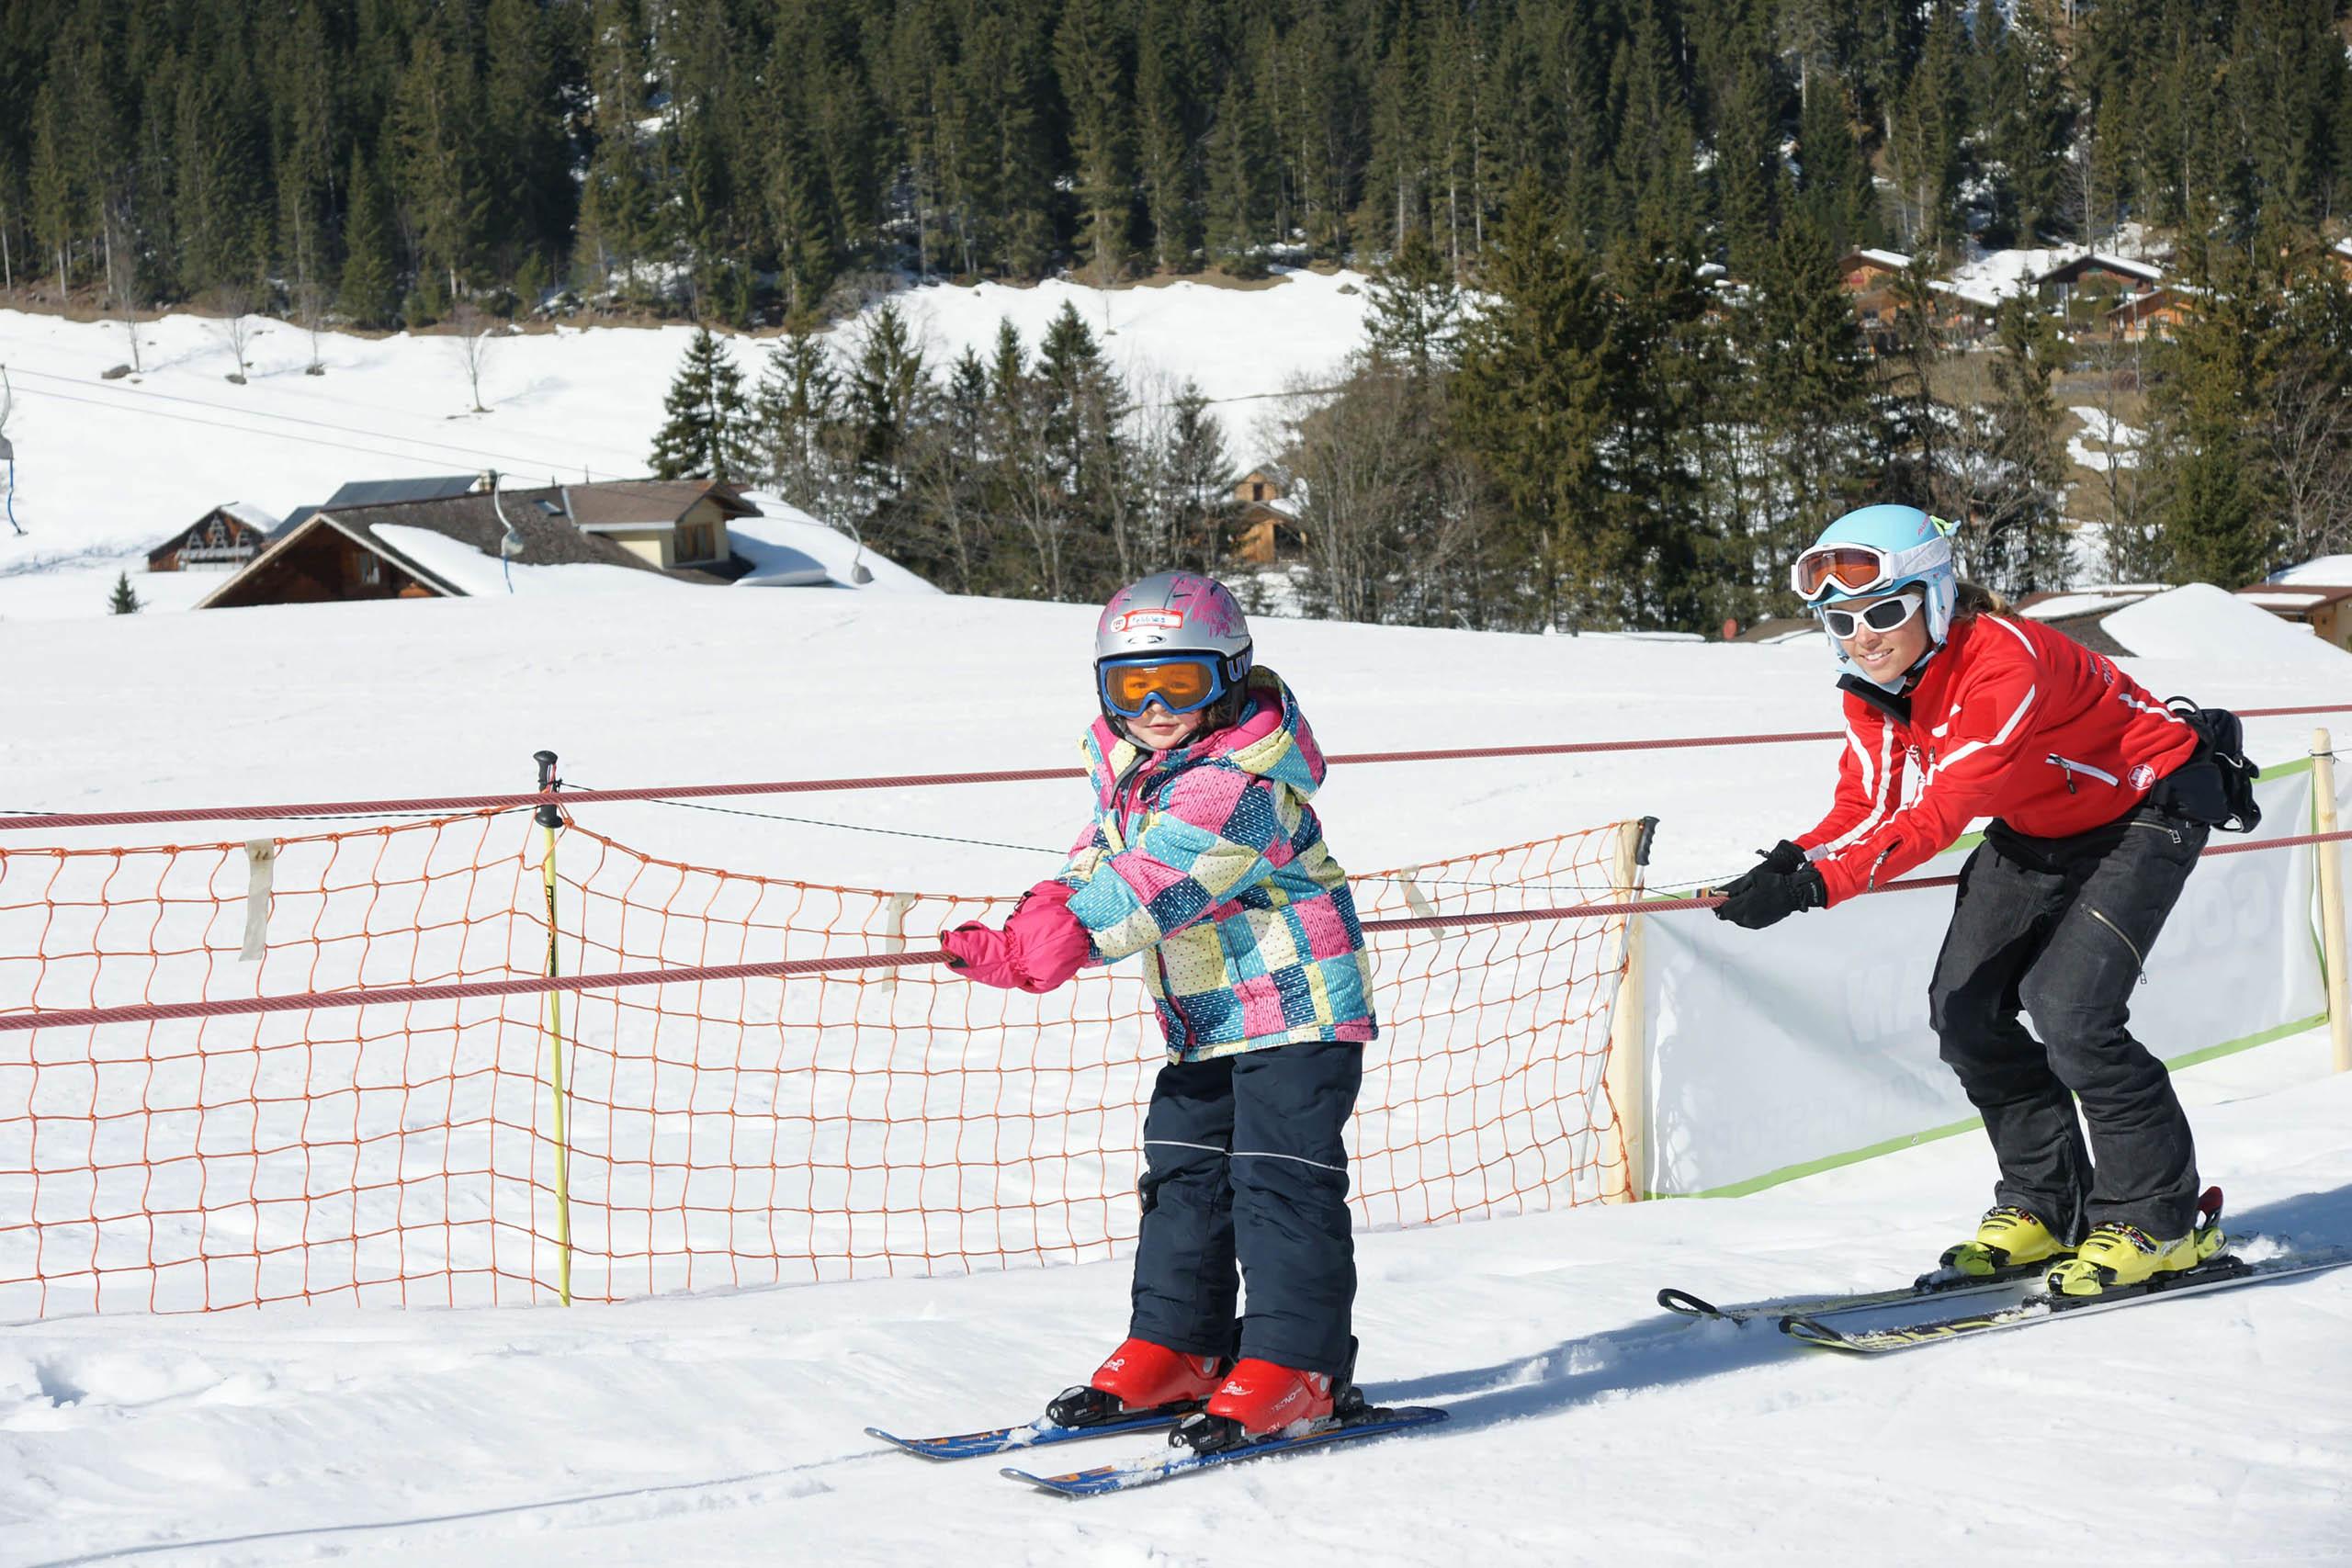 diemtigtal-grimmialp-winter-skischule-seillift-kinder